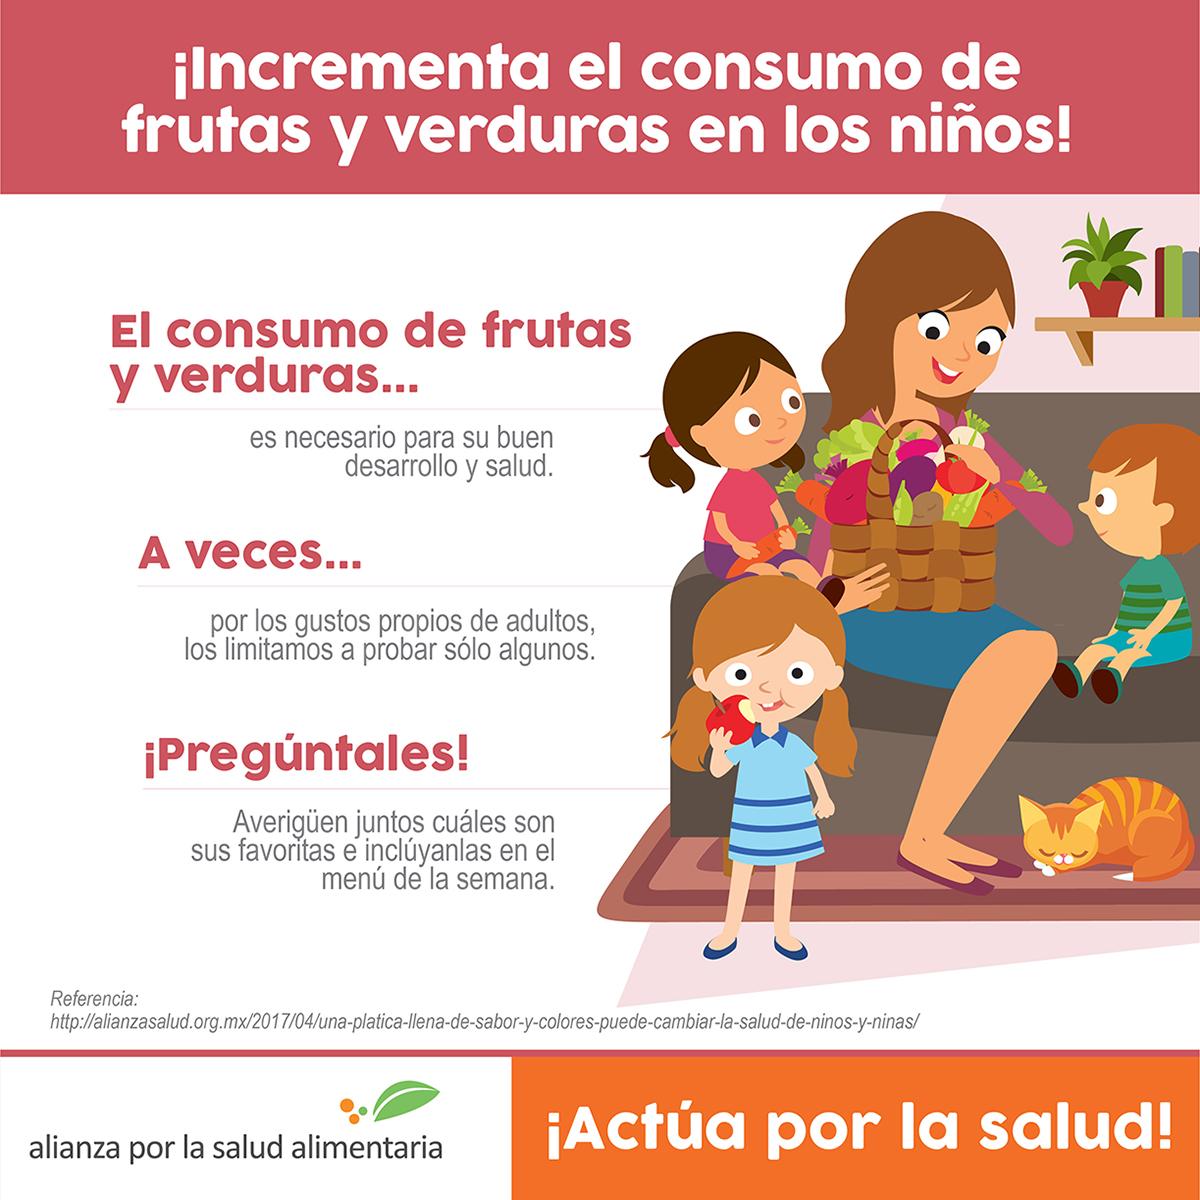 Incrementa el consumo de frutas y verduras en los niños! - Alianza por la  Salud Alimentaria